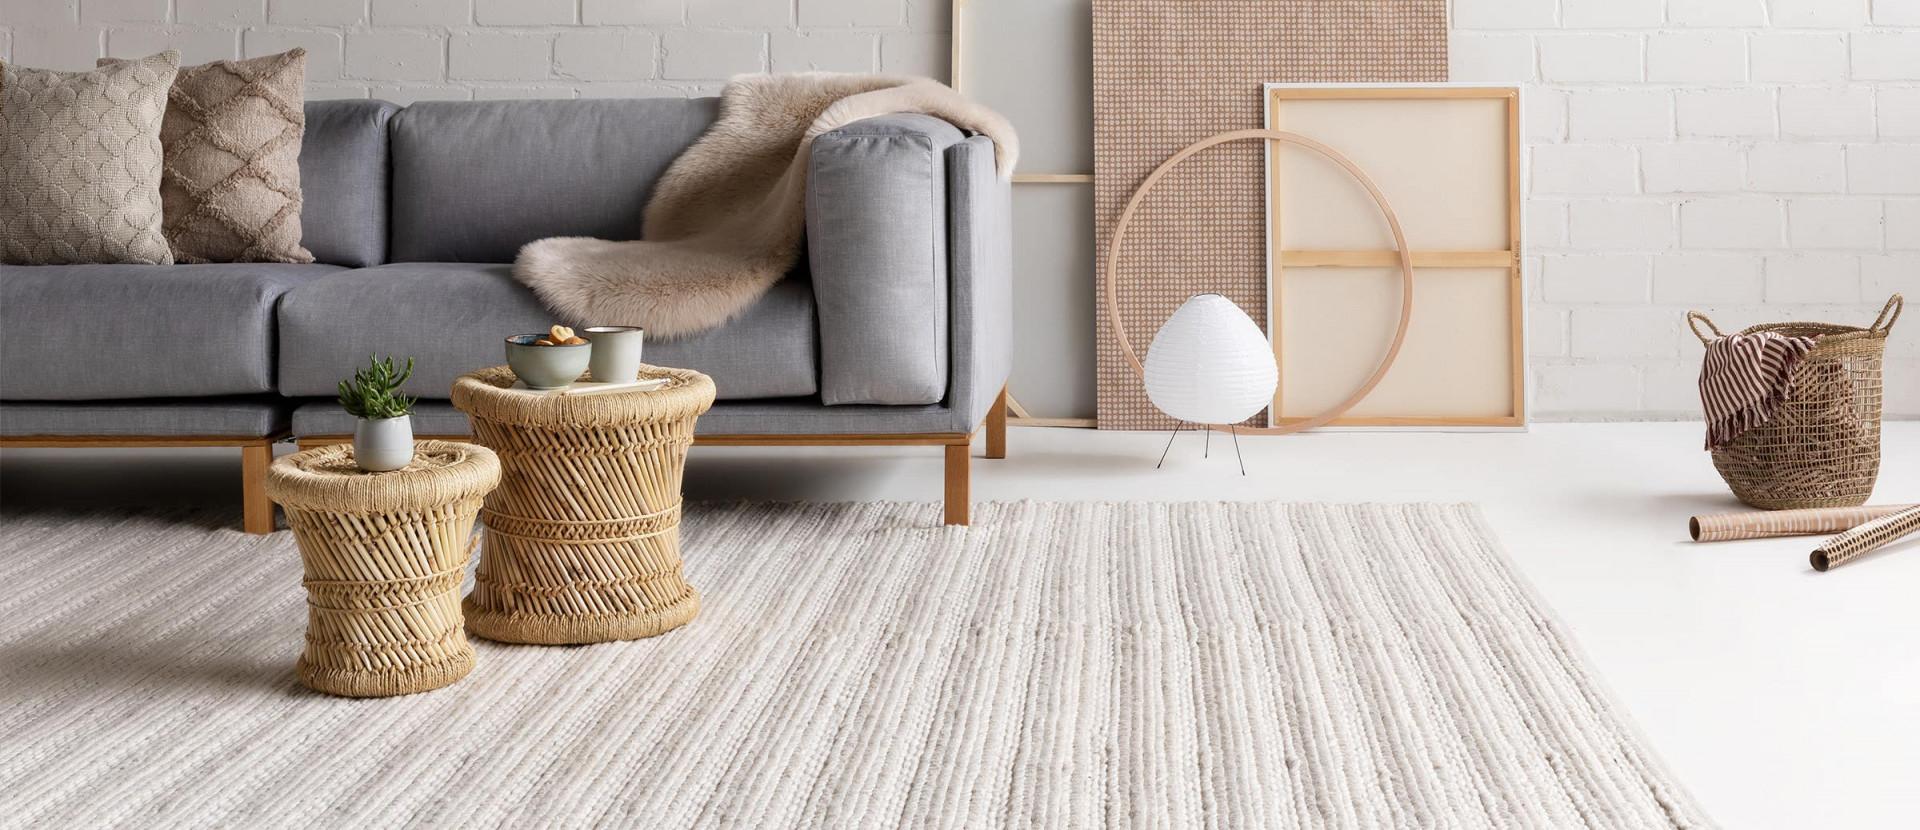 Welcher Teppich Passt Zu Mir  Hilfreiche Tipps von Teppich Pflegeleicht Wohnzimmer Photo